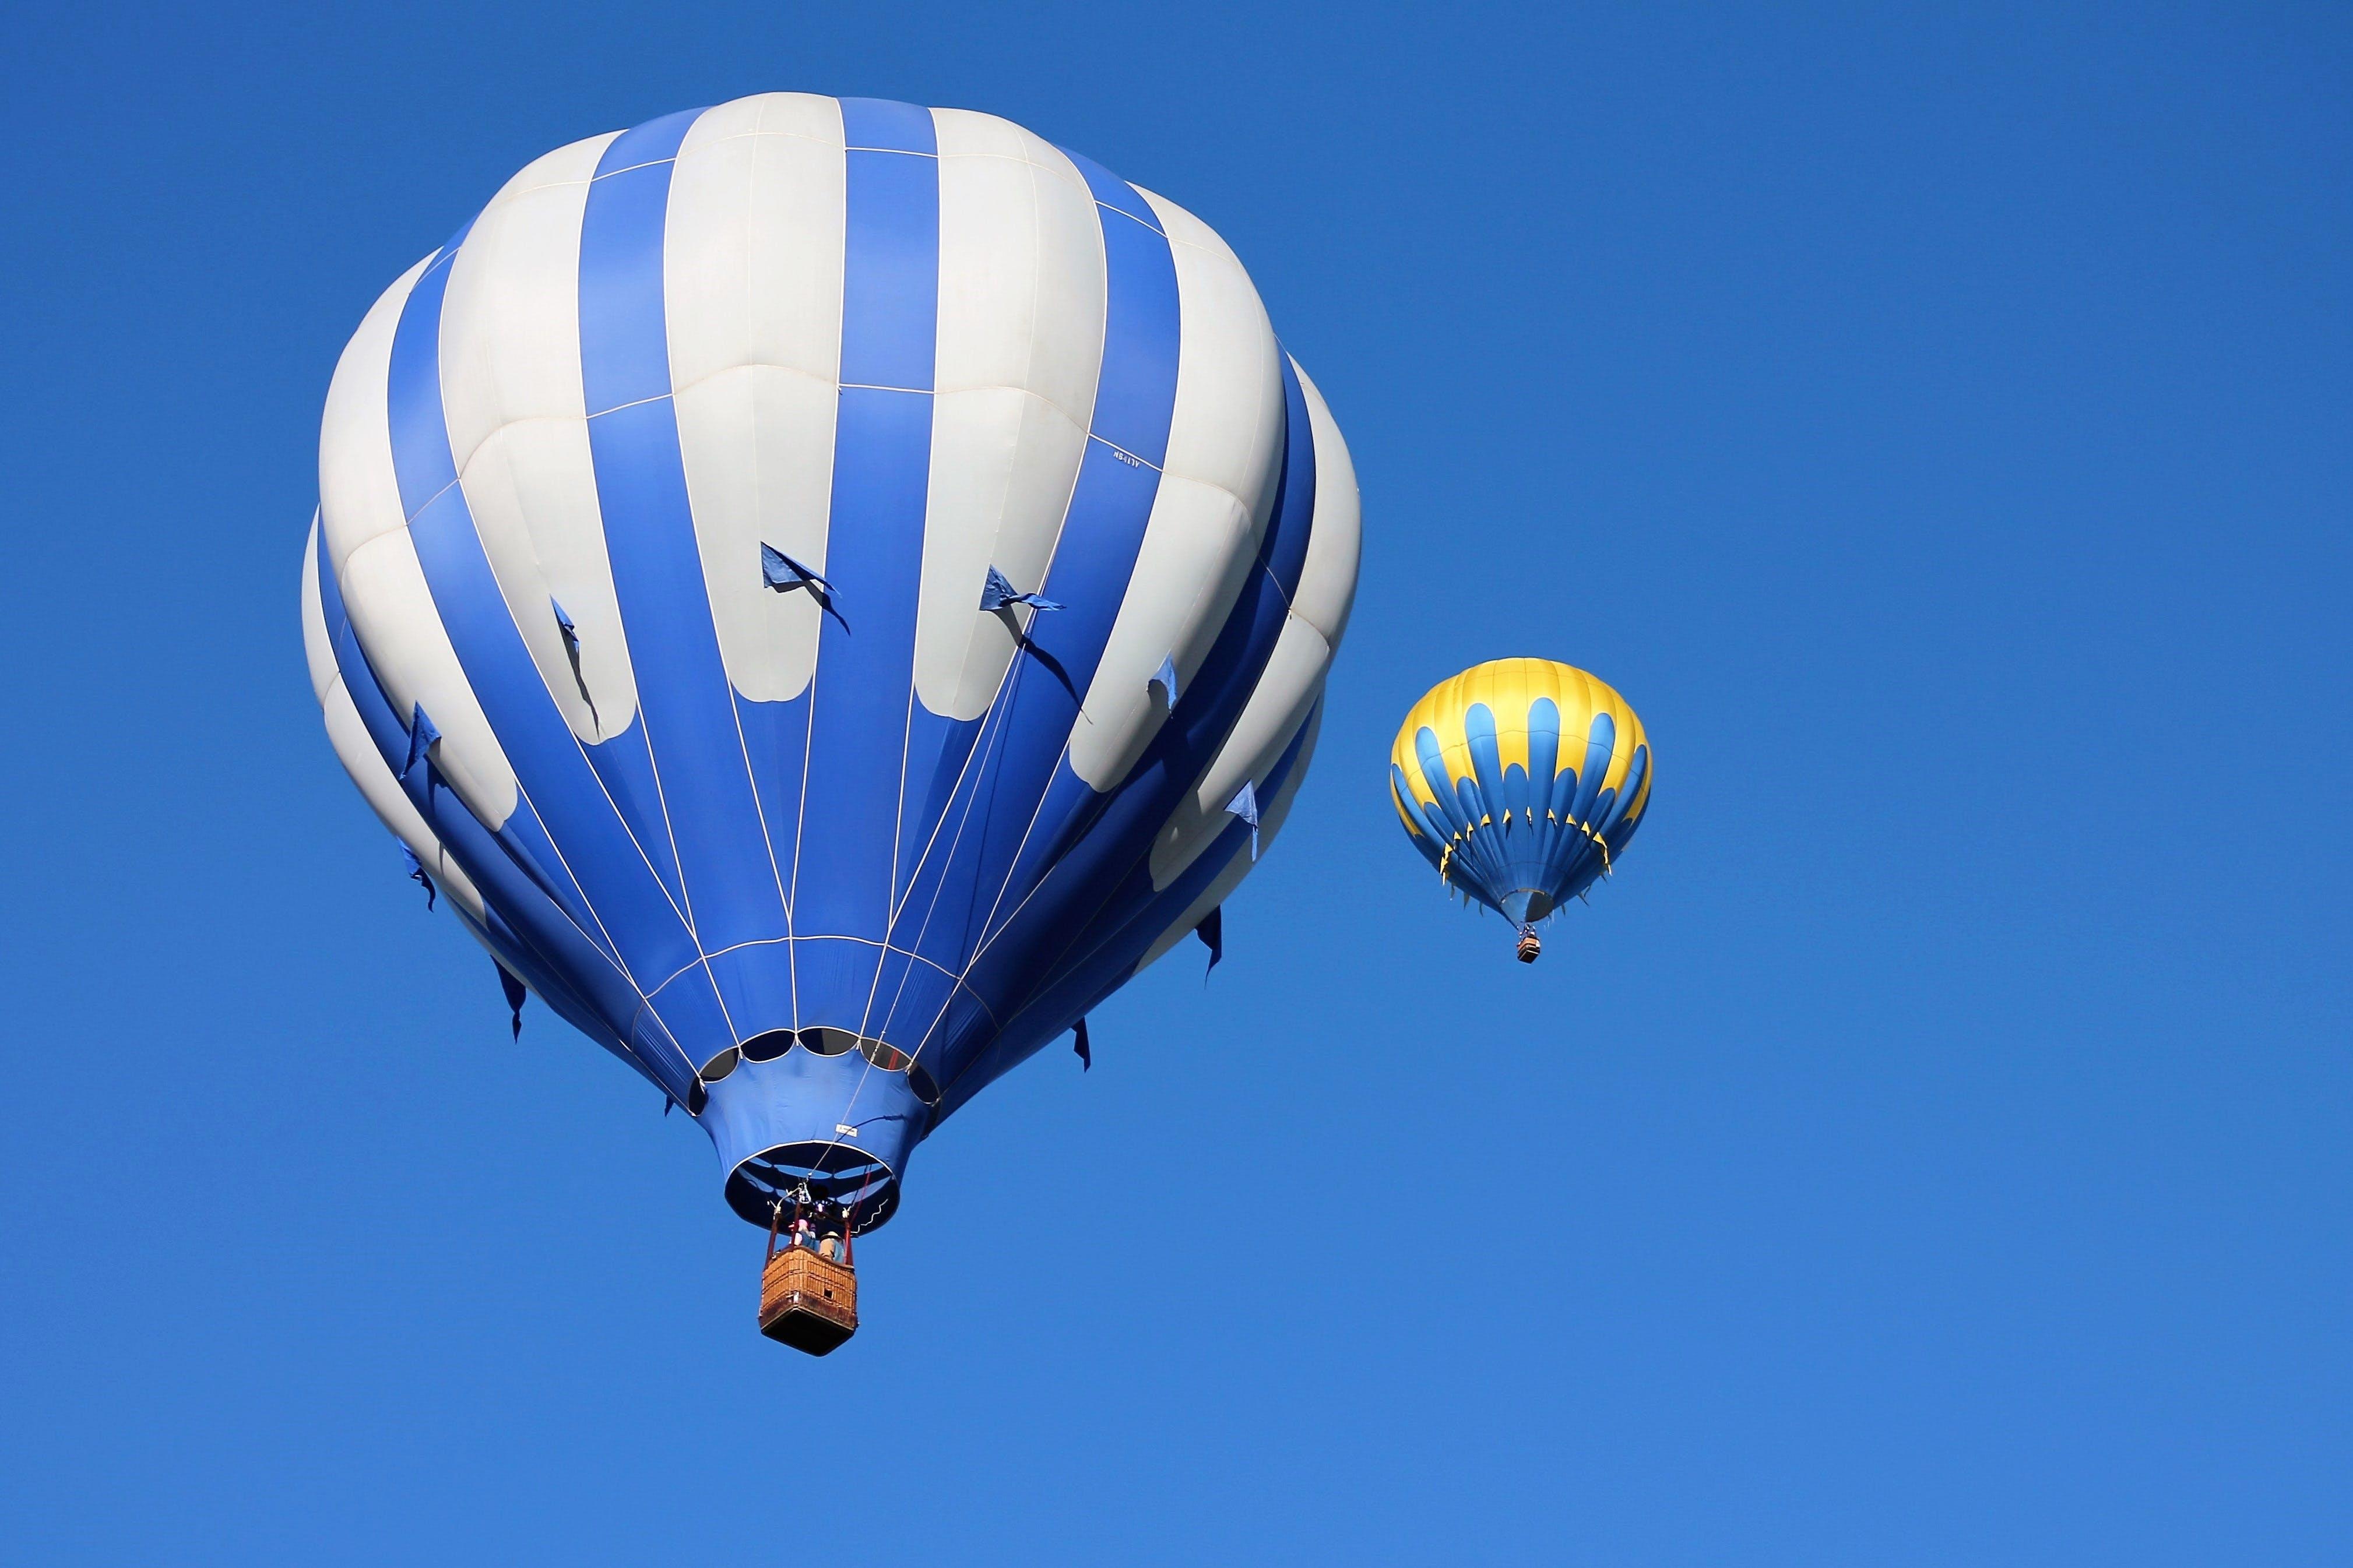 Kostenloses Stock Foto zu abenteuer, aktivität, blau, blauer himmel